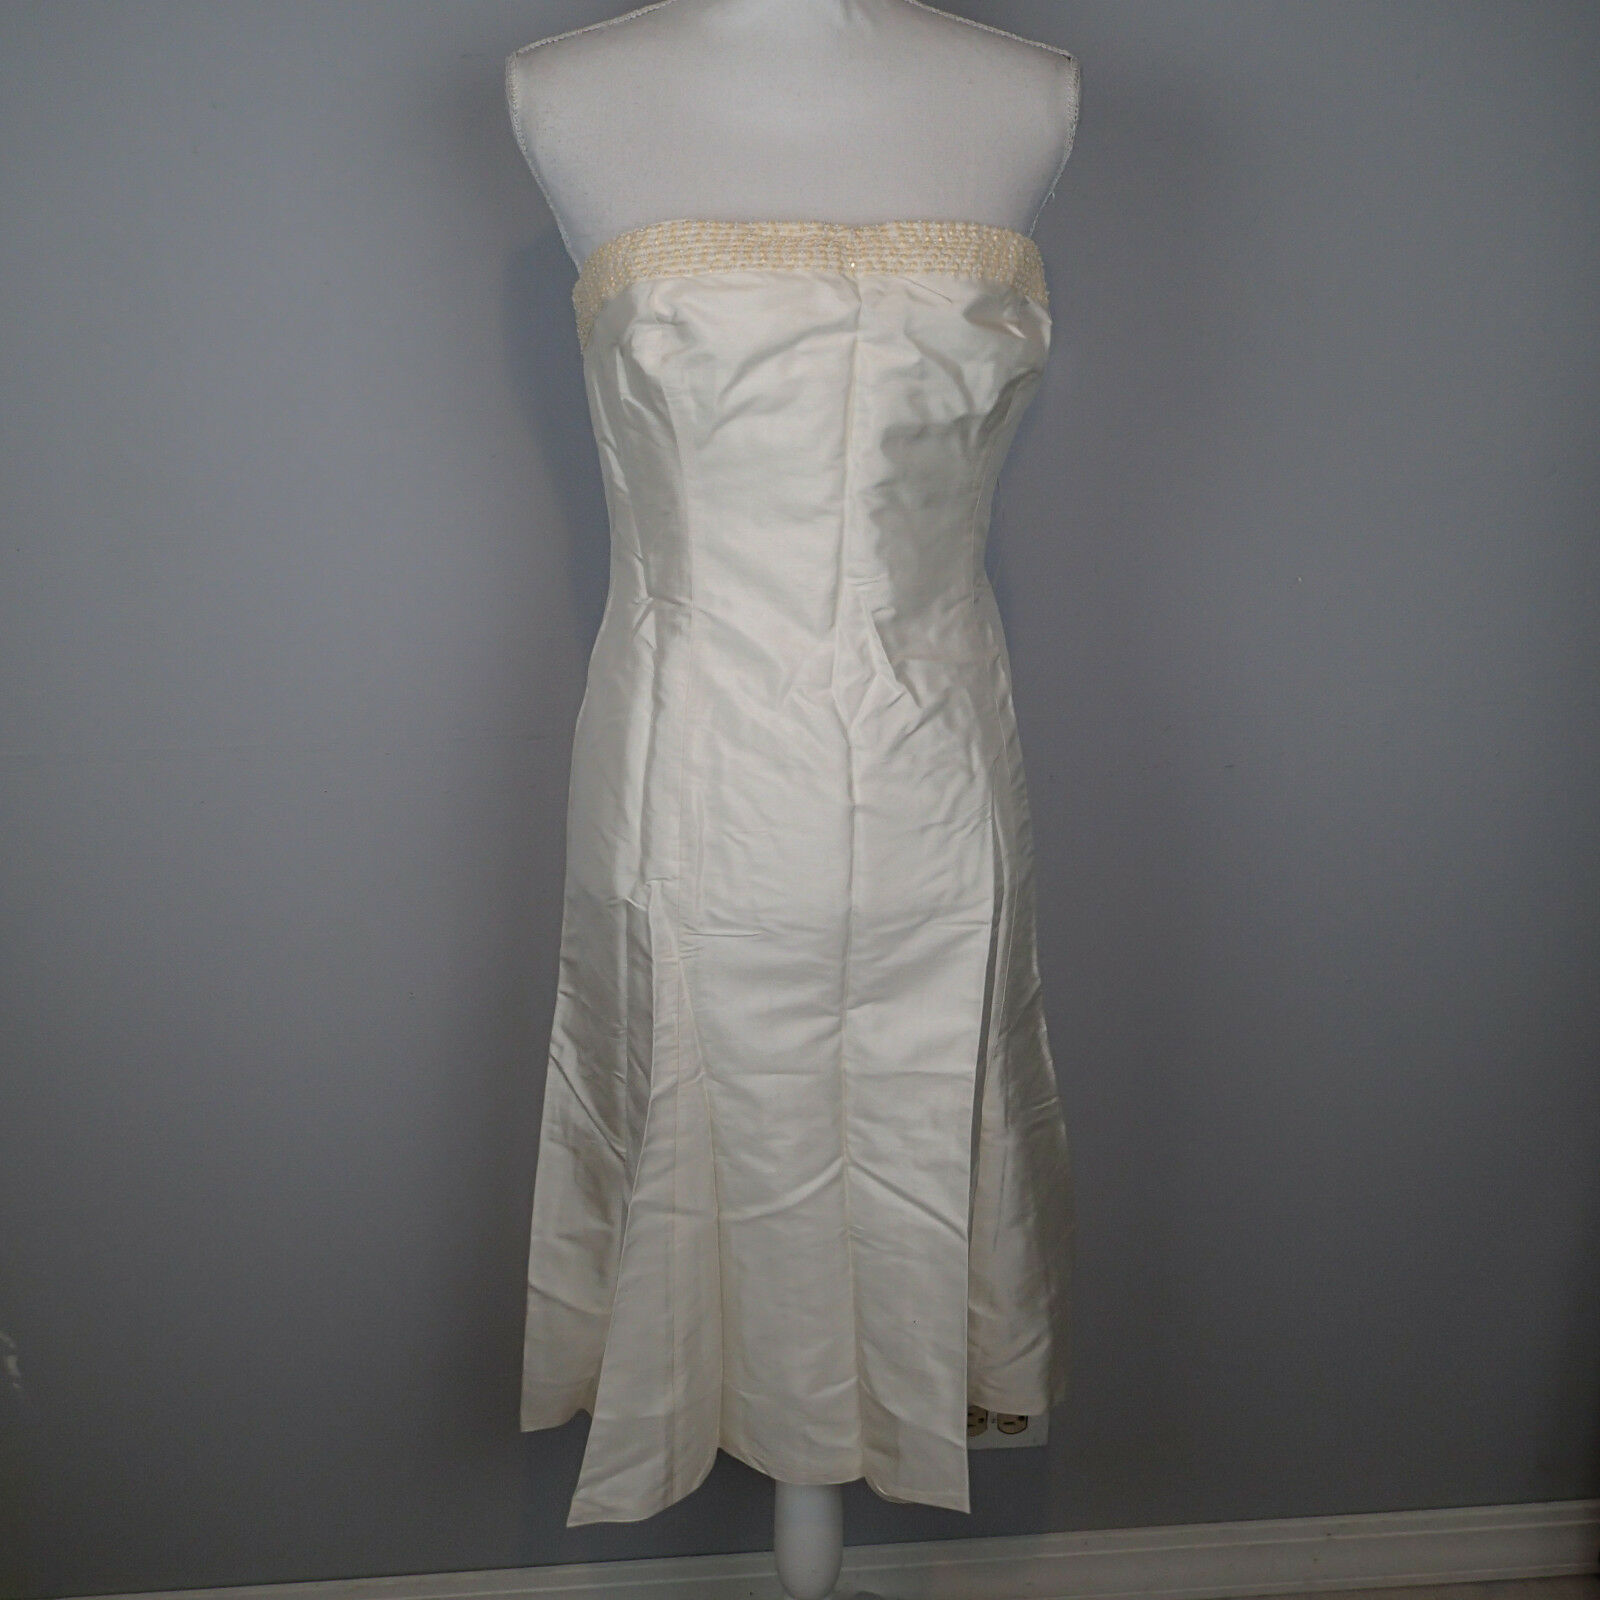 Ralph Lauren Dress  Ivory Strapless Cocktail Dress,sz 14 beads  silk